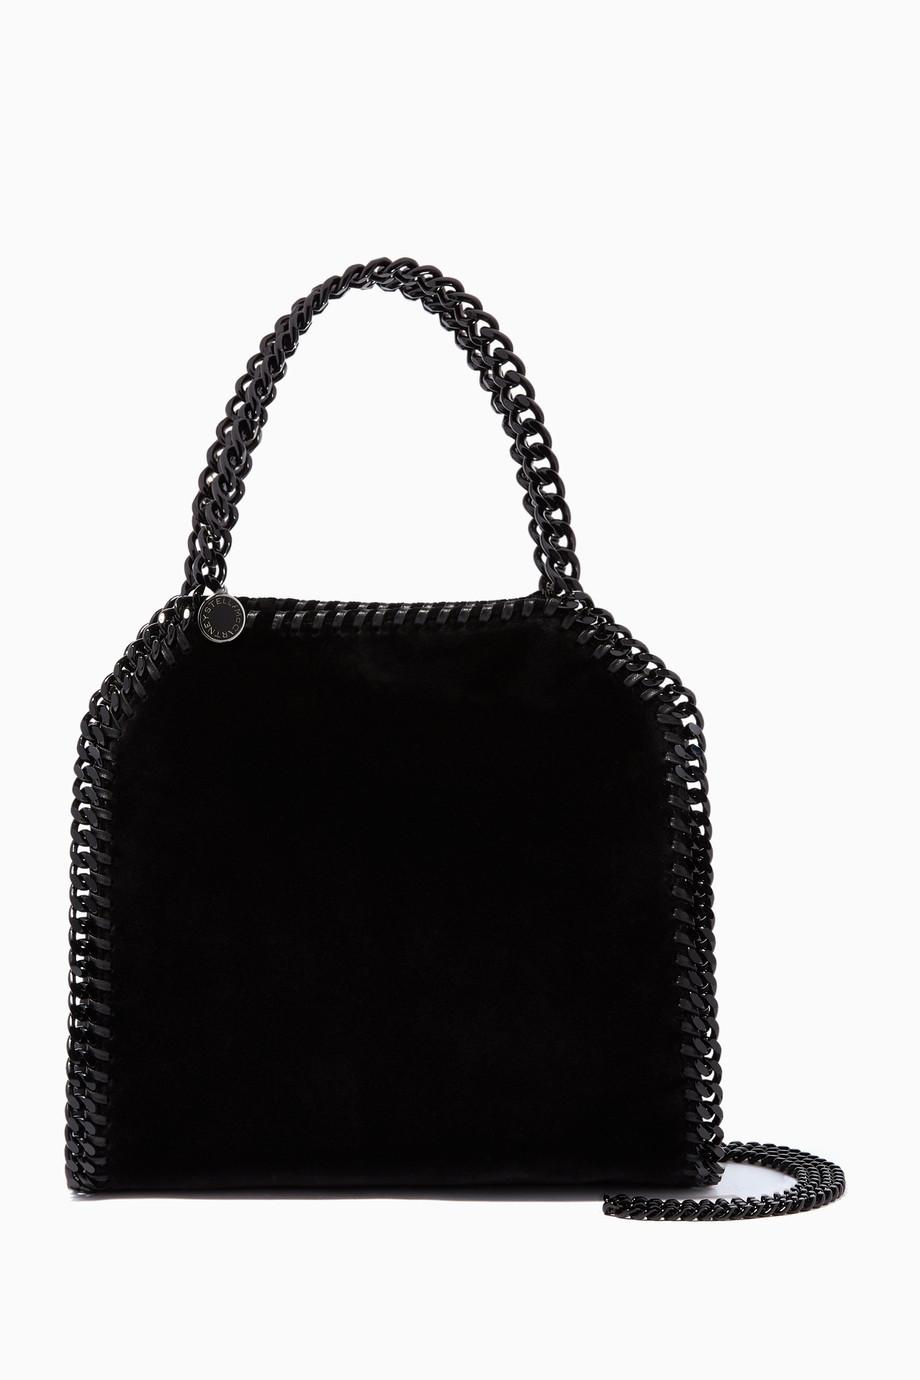 0e38c1e639 Shop Stella McCartney Black Black Velvet Mini Falabella Tote Bag for ...